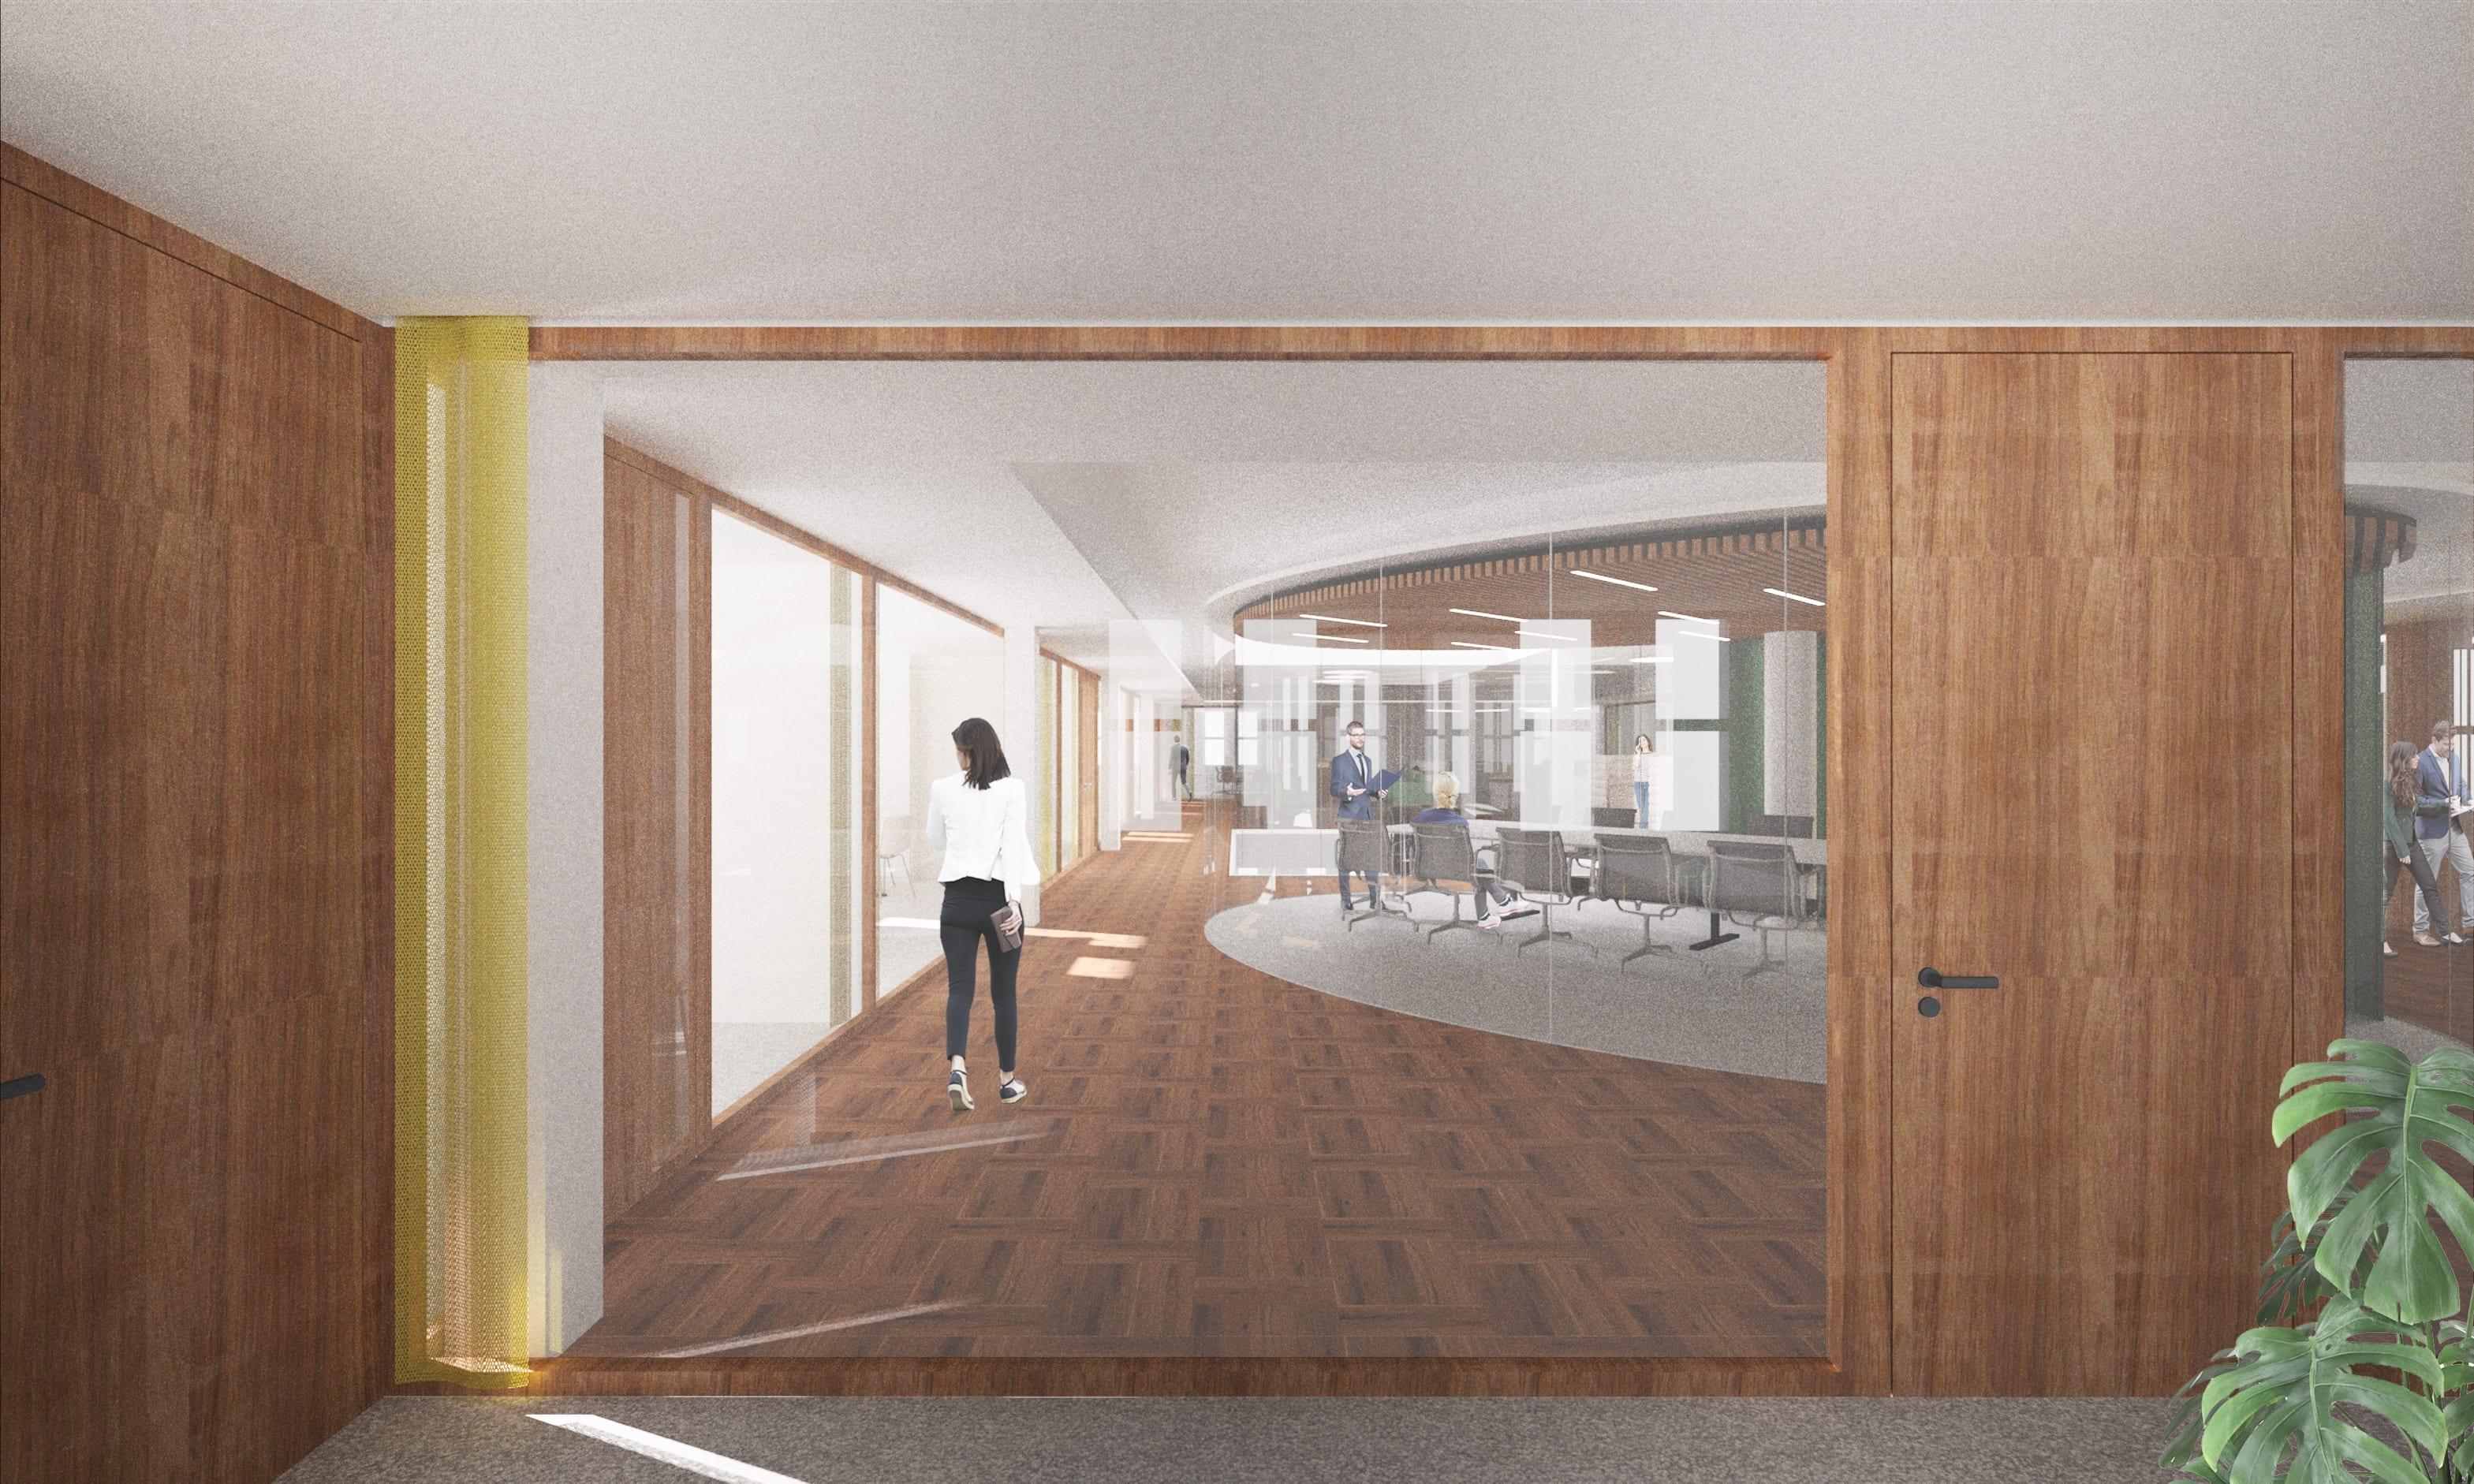 Réamenagement des espaces intérieurs administratifs